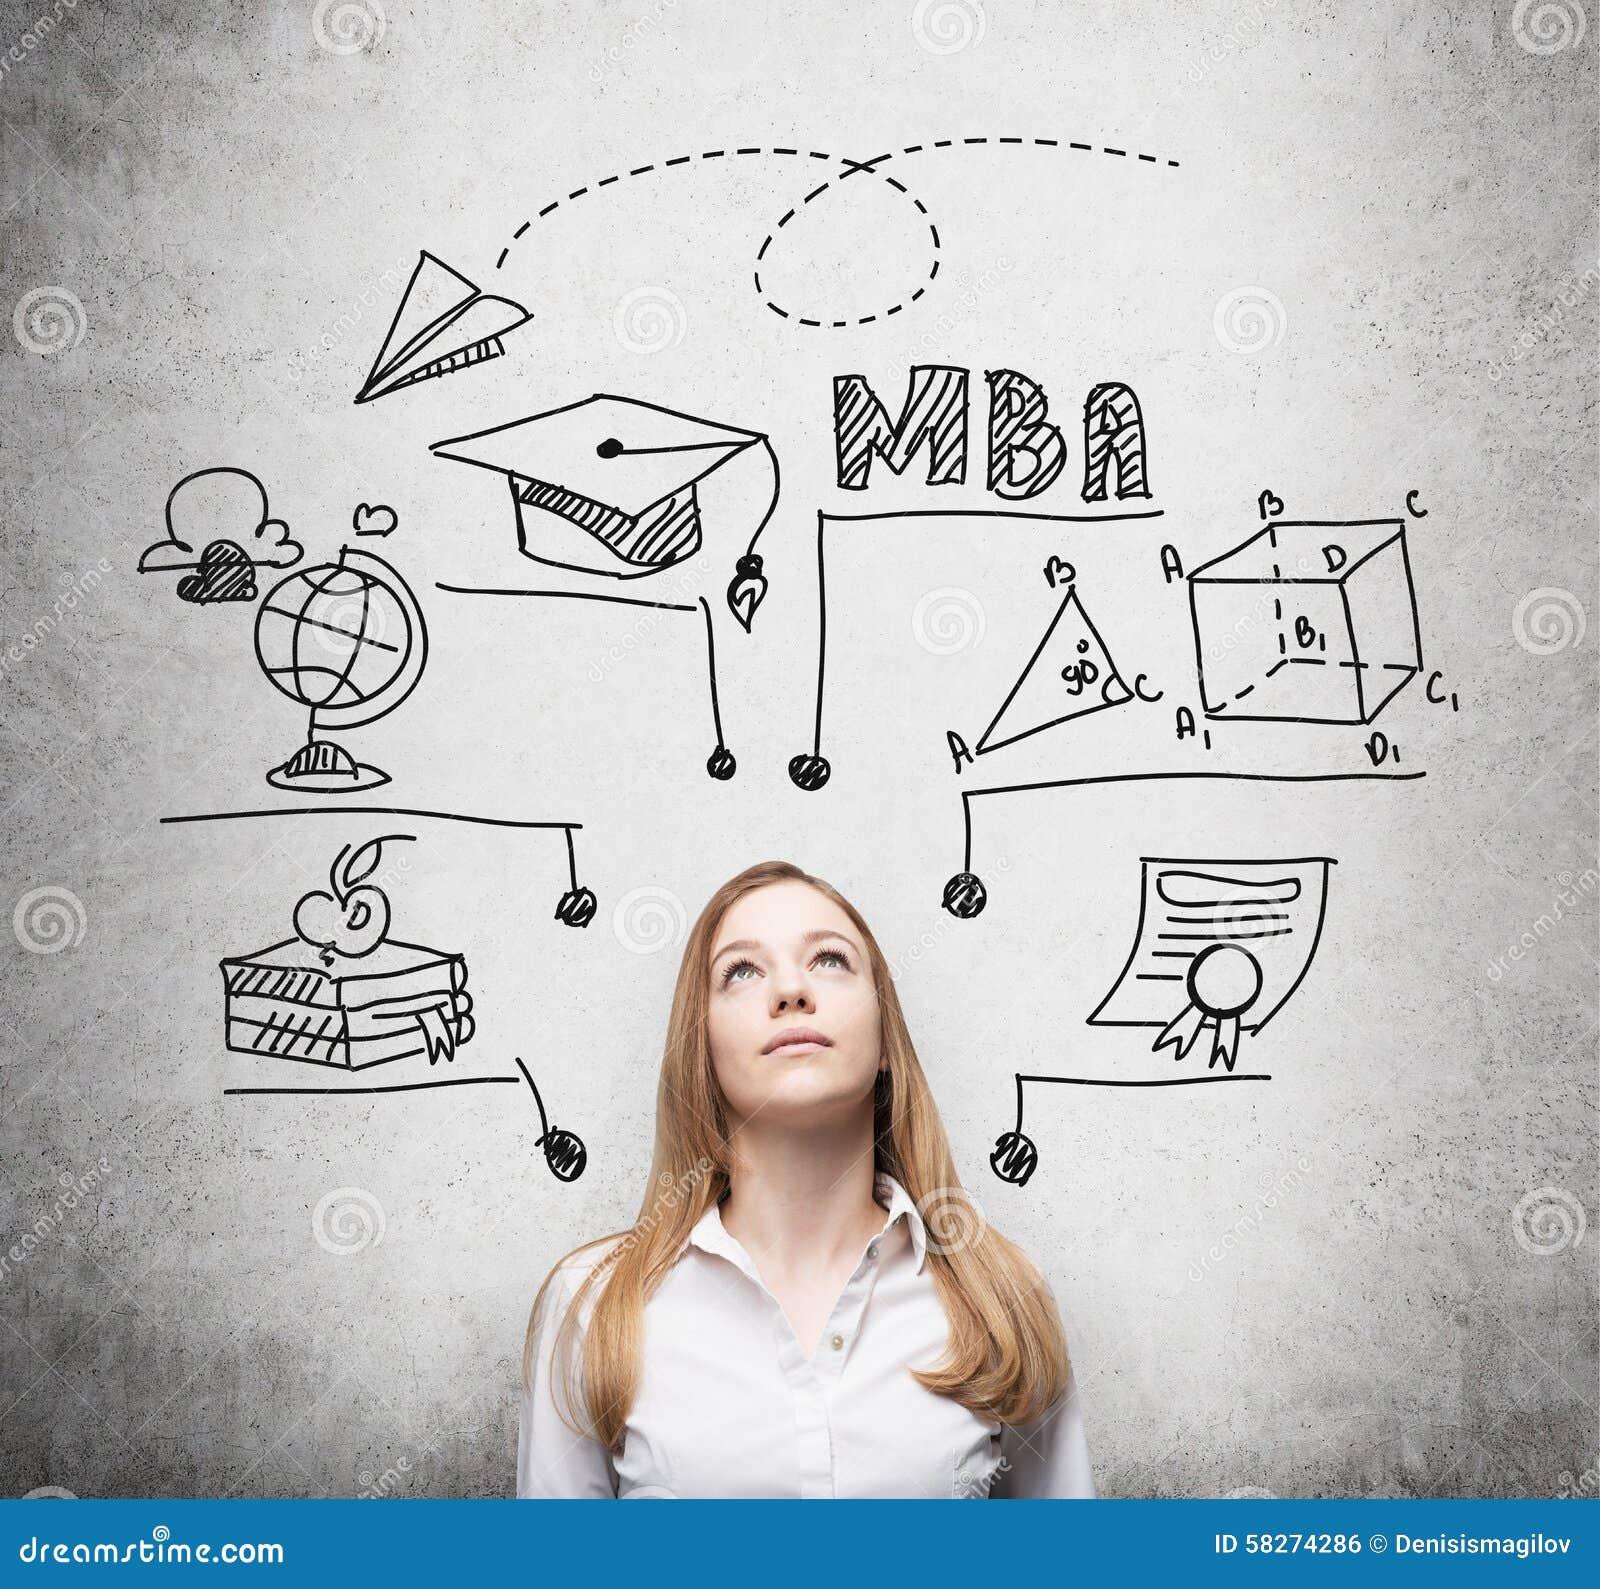 一位小姐考虑工商管理硕士程度 教育图在她后得出 企业进修的概念